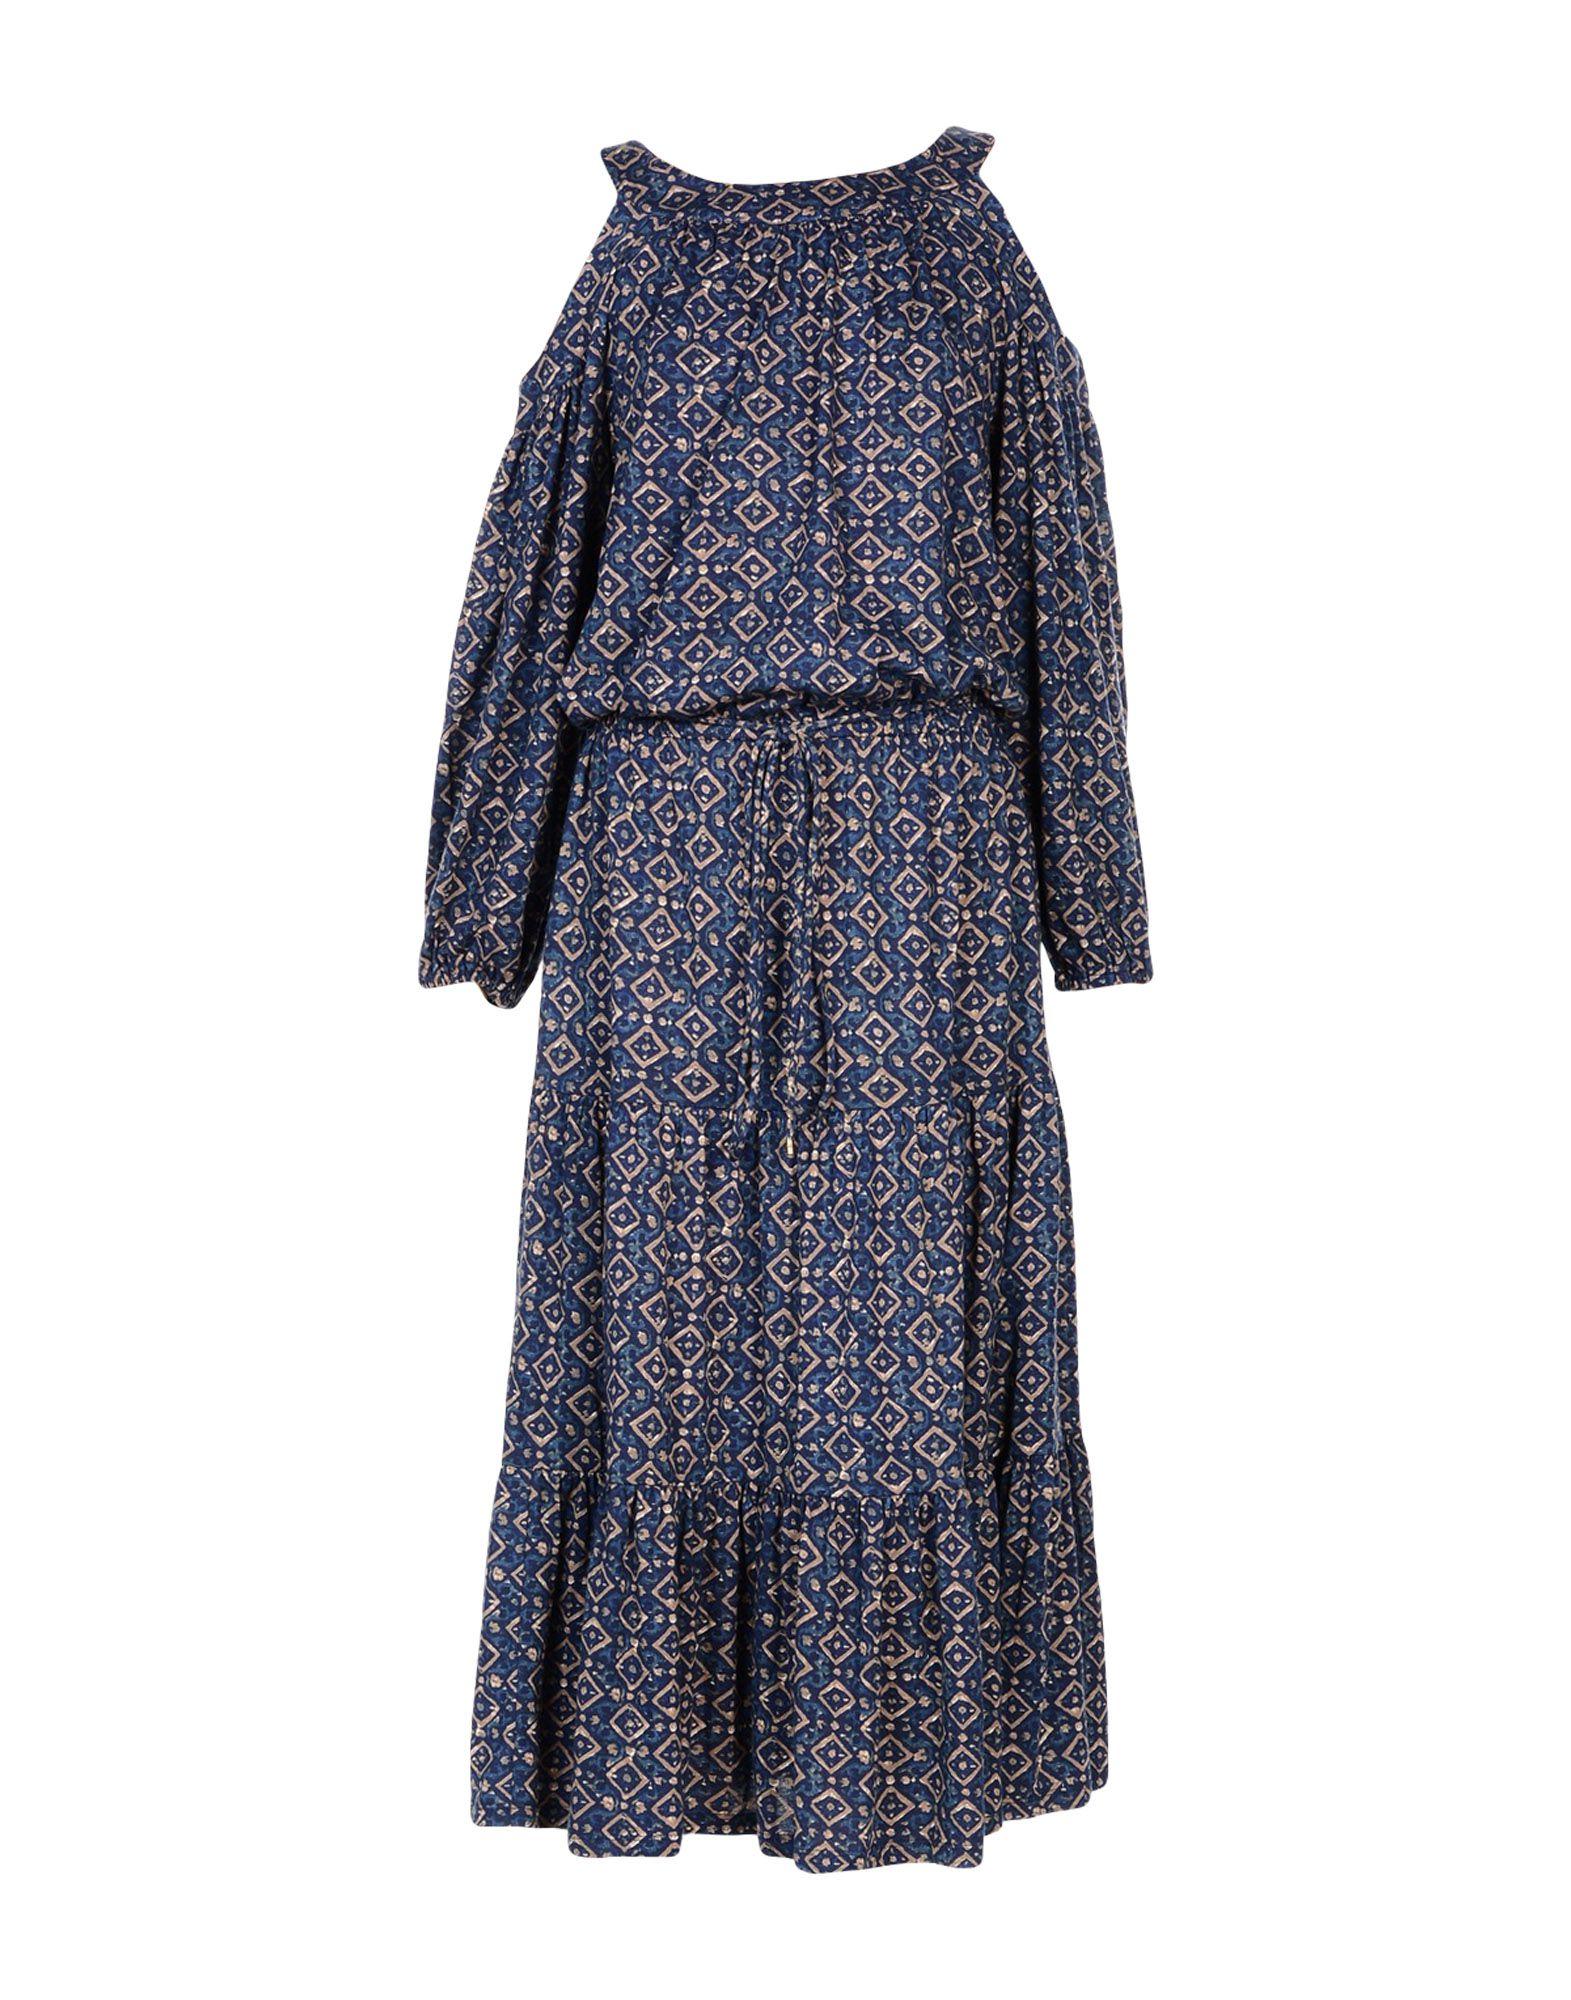 LAUREN RALPH LAUREN Платье длиной 3/4 ralph lauren black label платье длиной 3 4